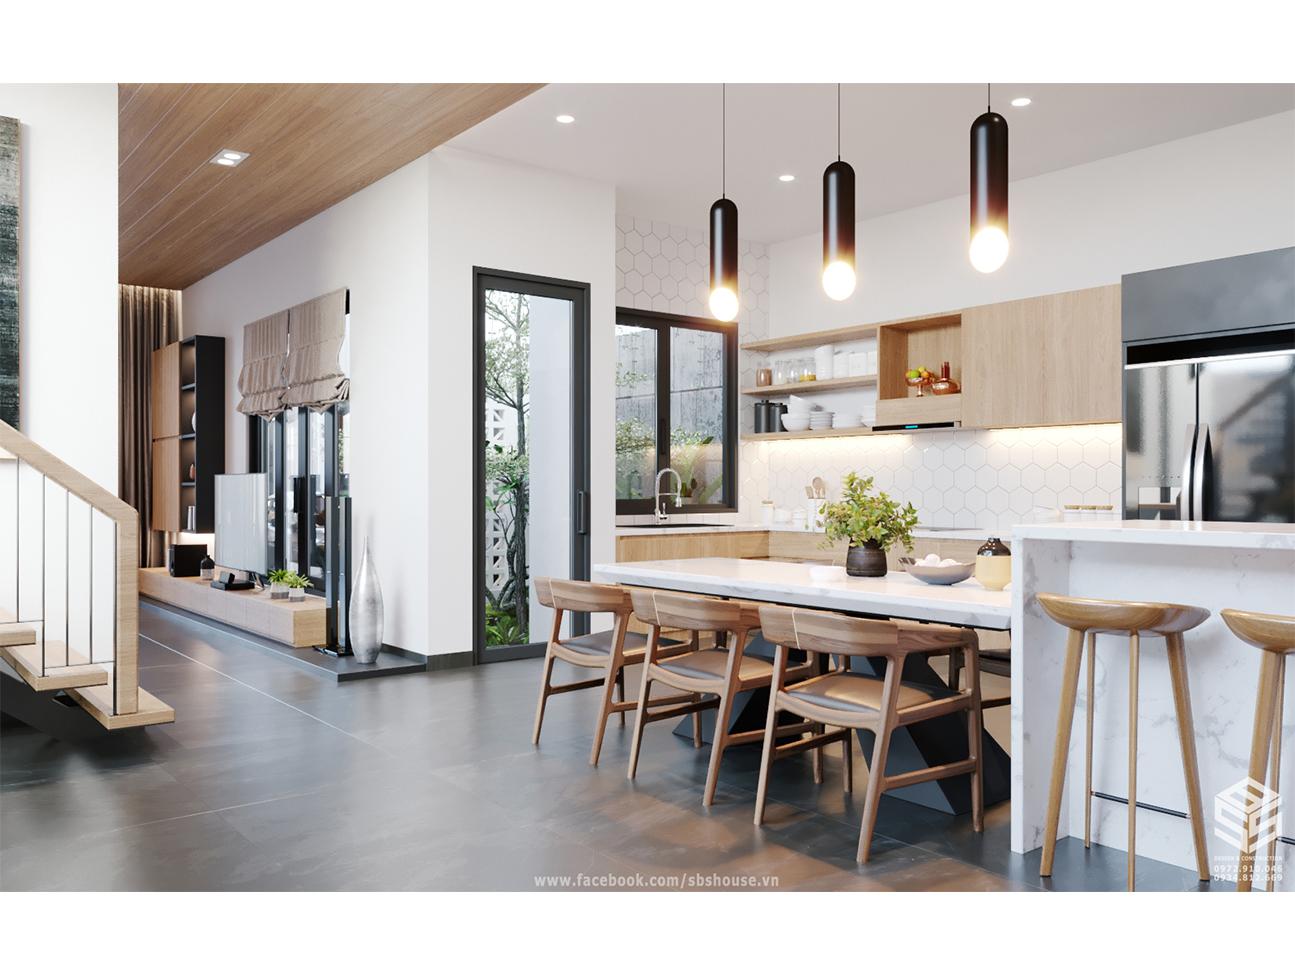 Thiết kế nội thất nhà phố Đà Nẵng